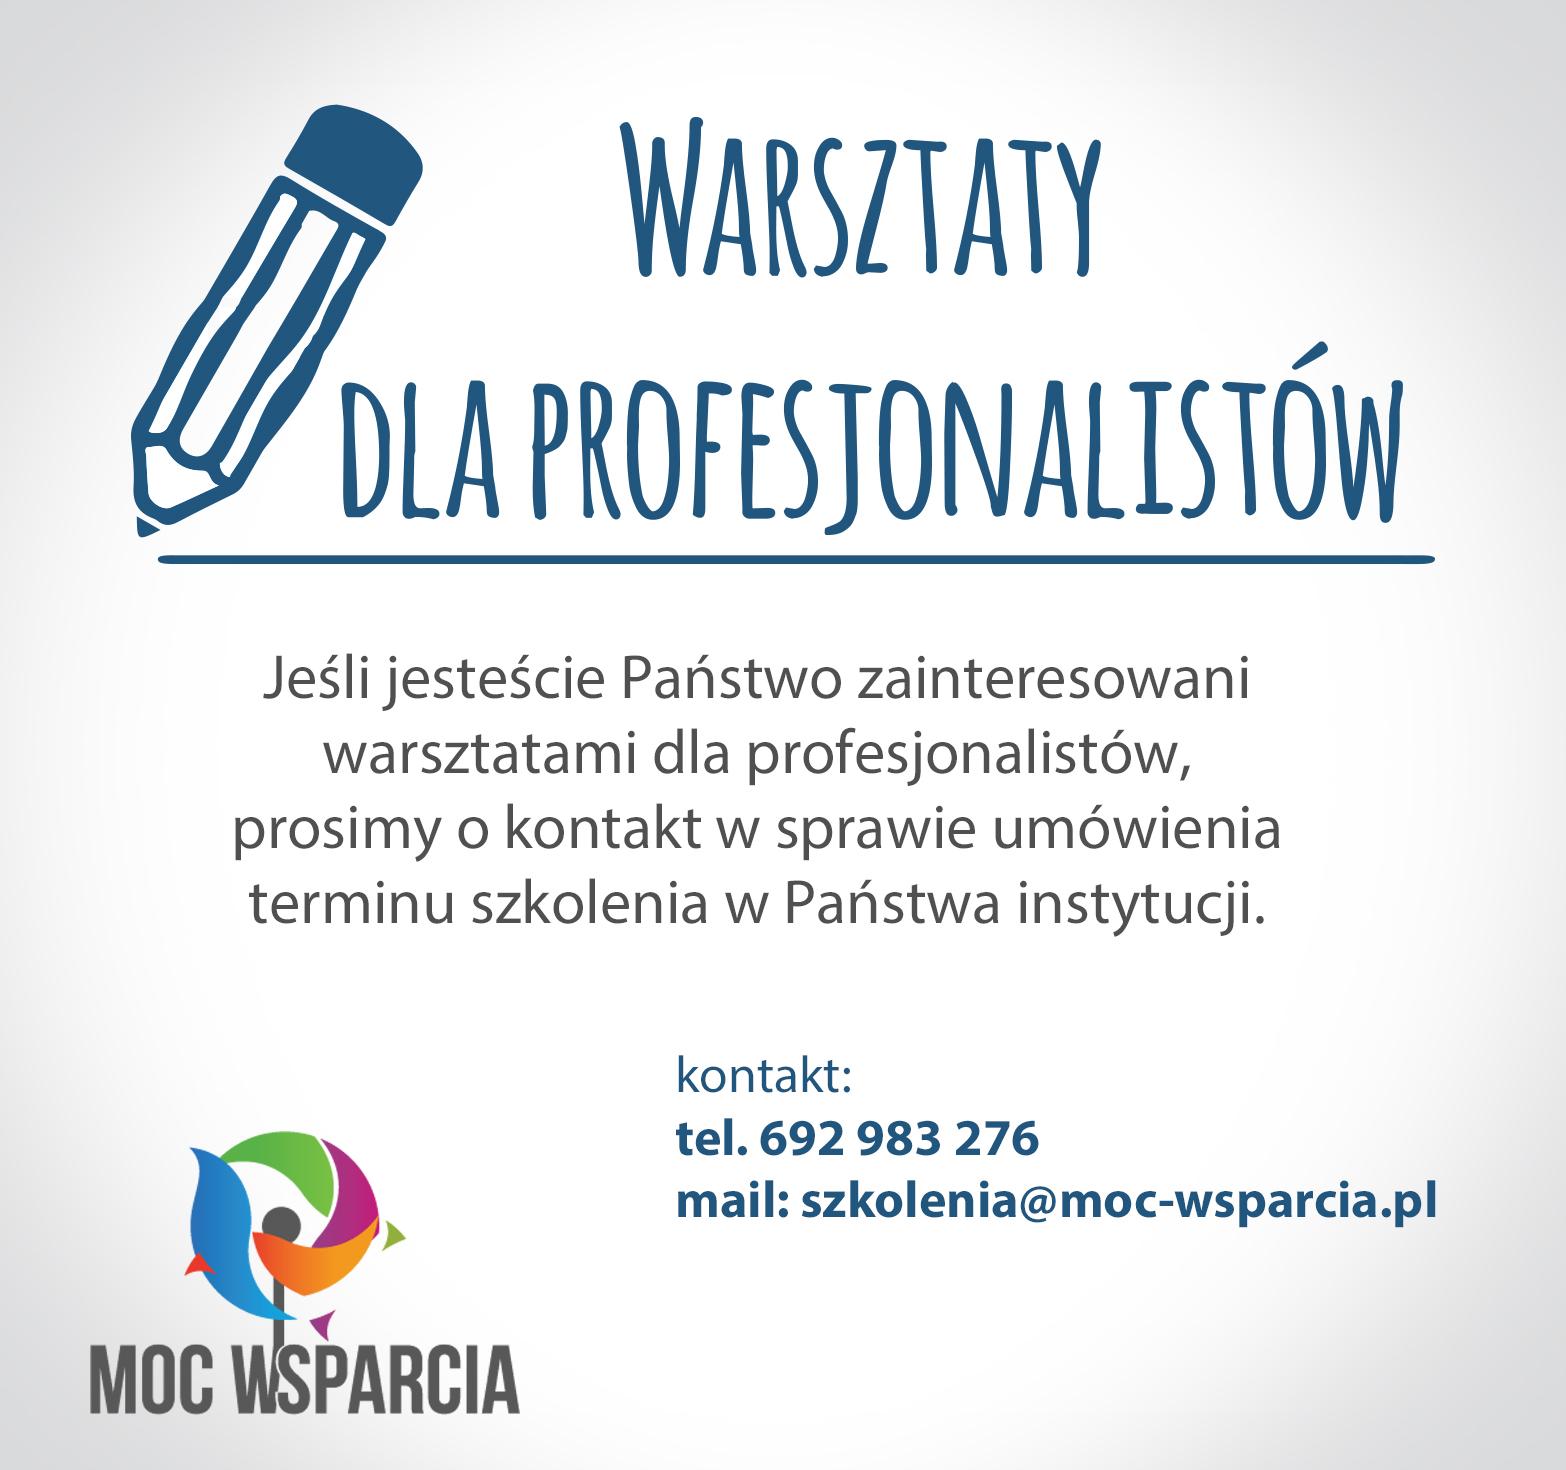 WARSZTATY_DLA_PROFESJONALISTOW